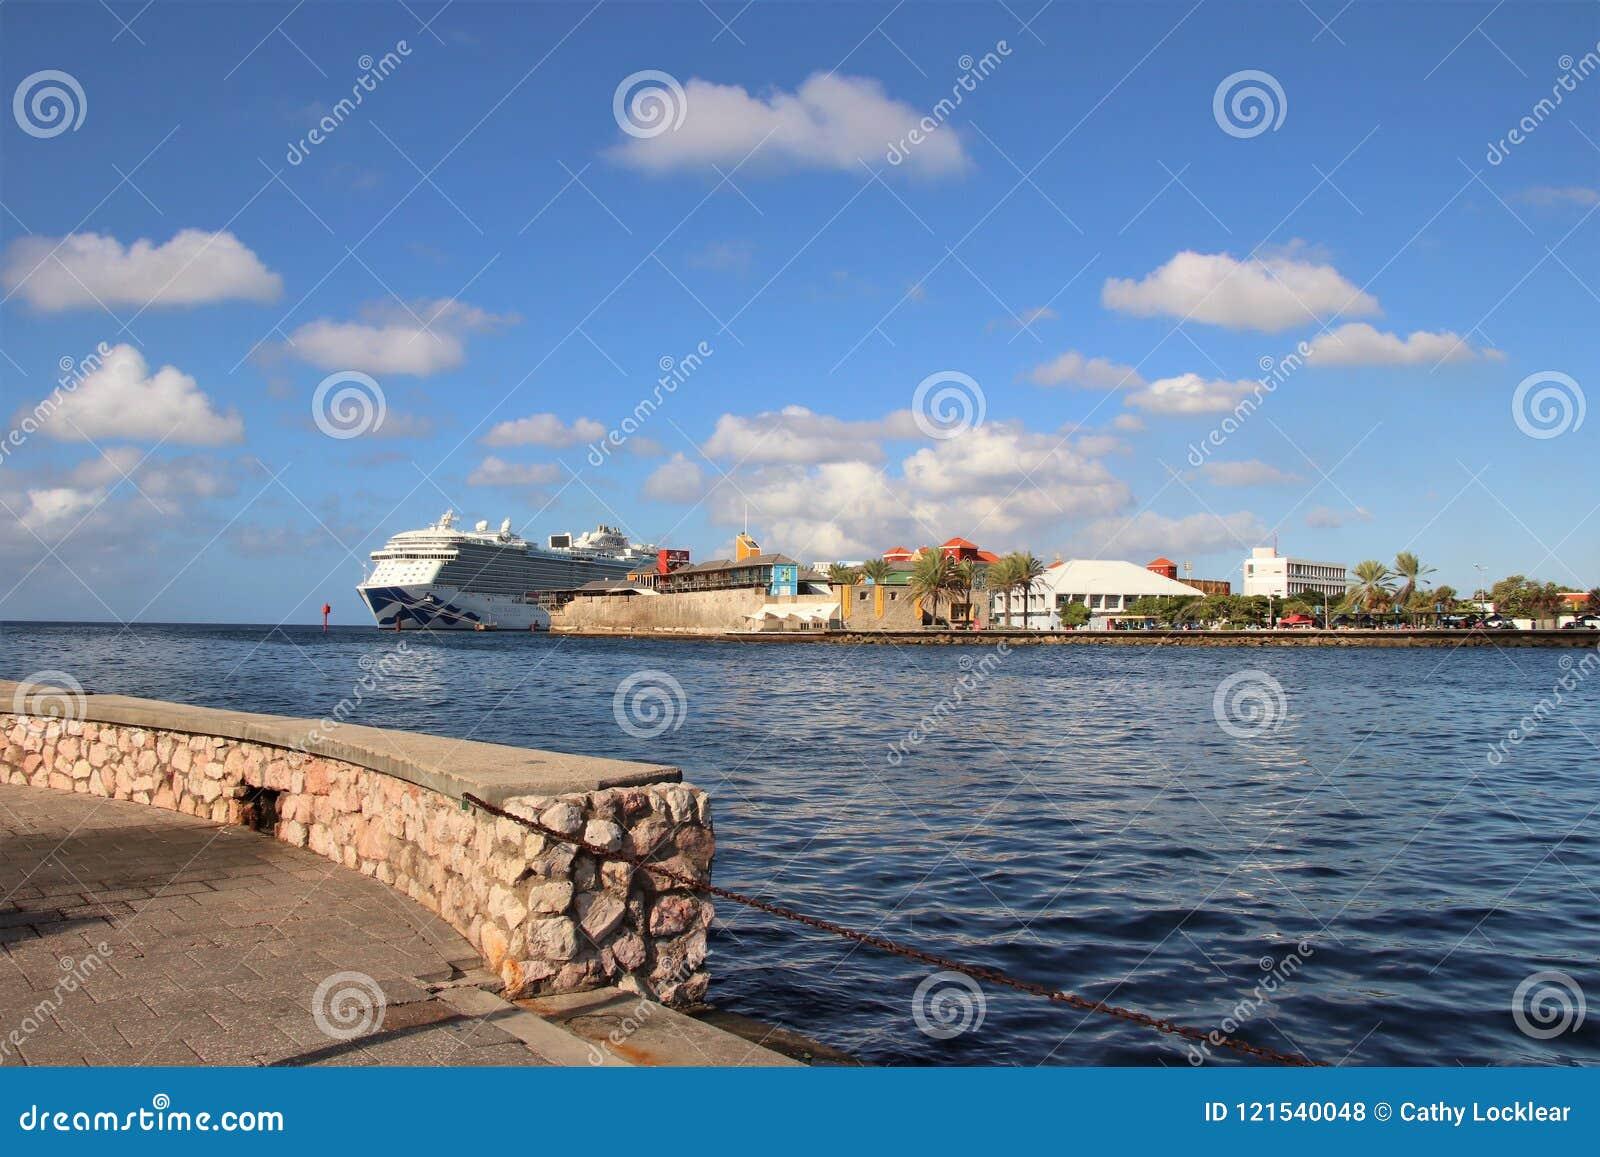 Willemstad, Curaçao -12/17/17: Barco de cruceros real de la princesa atracado en Curaçao